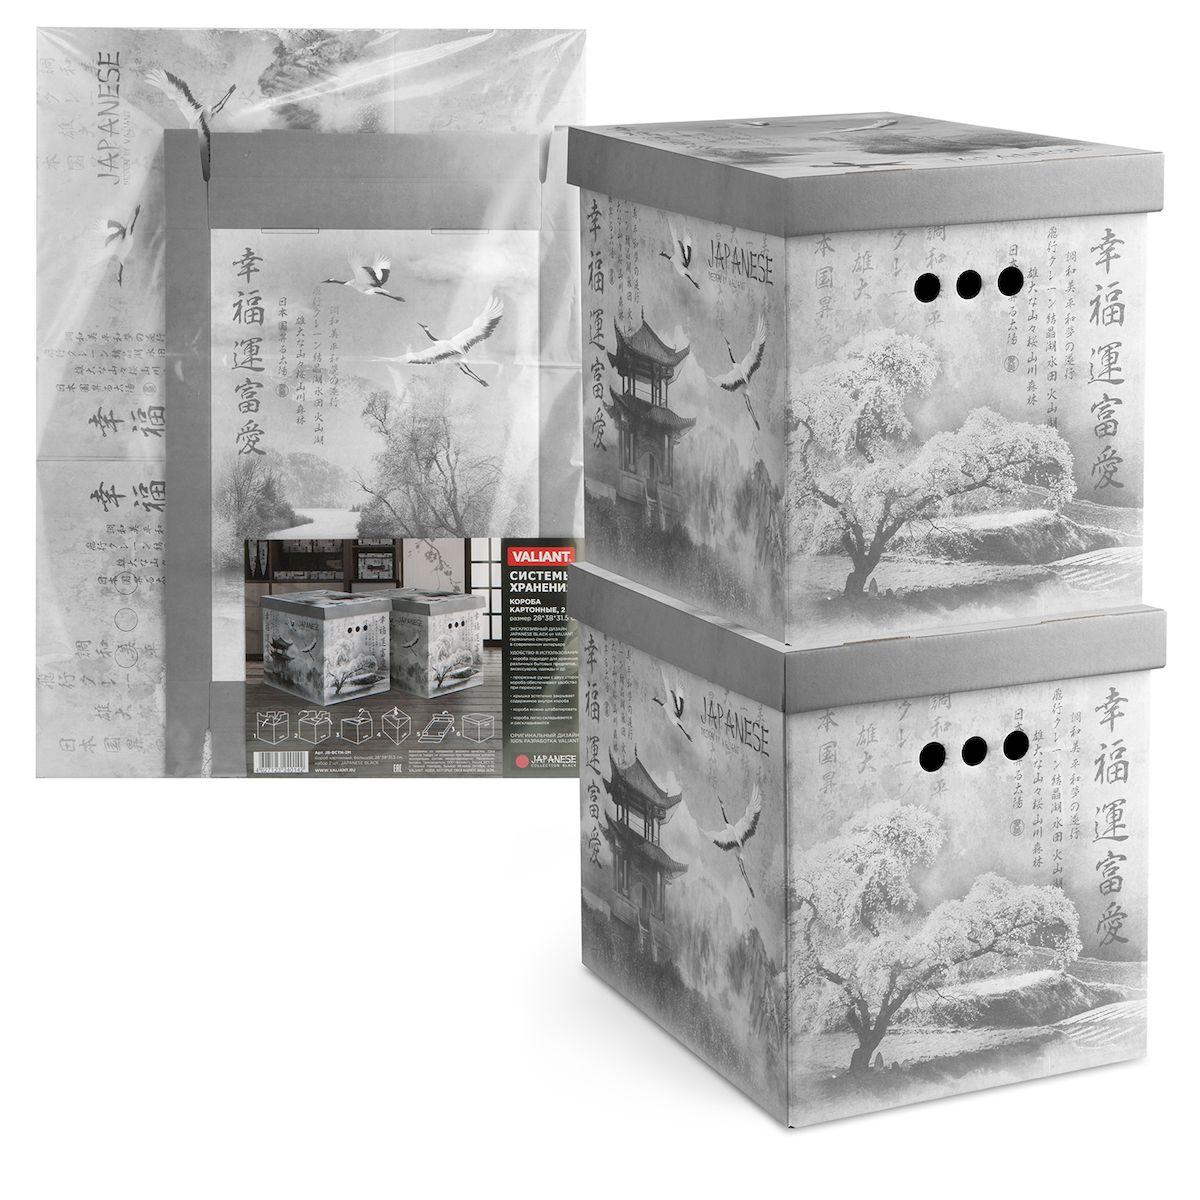 Короб для хранения Valiant Japanese Black, 28х38х31,5 см, складной, 2 штJB-BCTN-2MКороб картонный Valiant Japanese Black легкий и прочный. Короб являются самосборным (на упаковке имеется удобная инструкция по сборке). Благодаря прорезным ручкам с двух сторон коробку удобно поднимать и переносить.